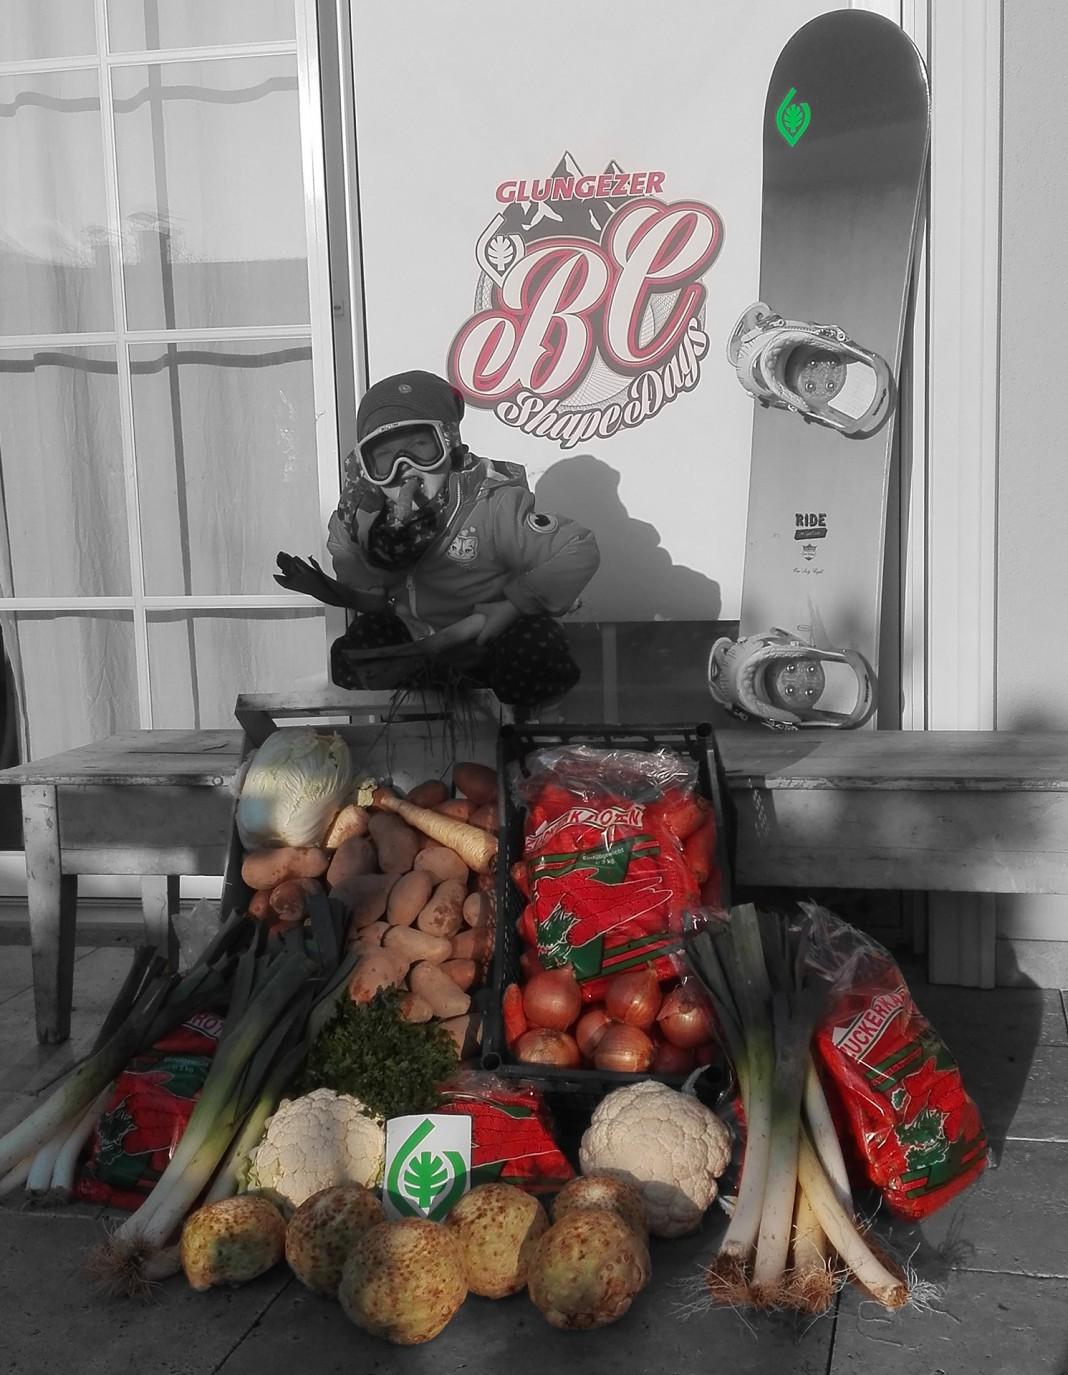 Suppengemüse für die Boys - Foto: Glungezerparks